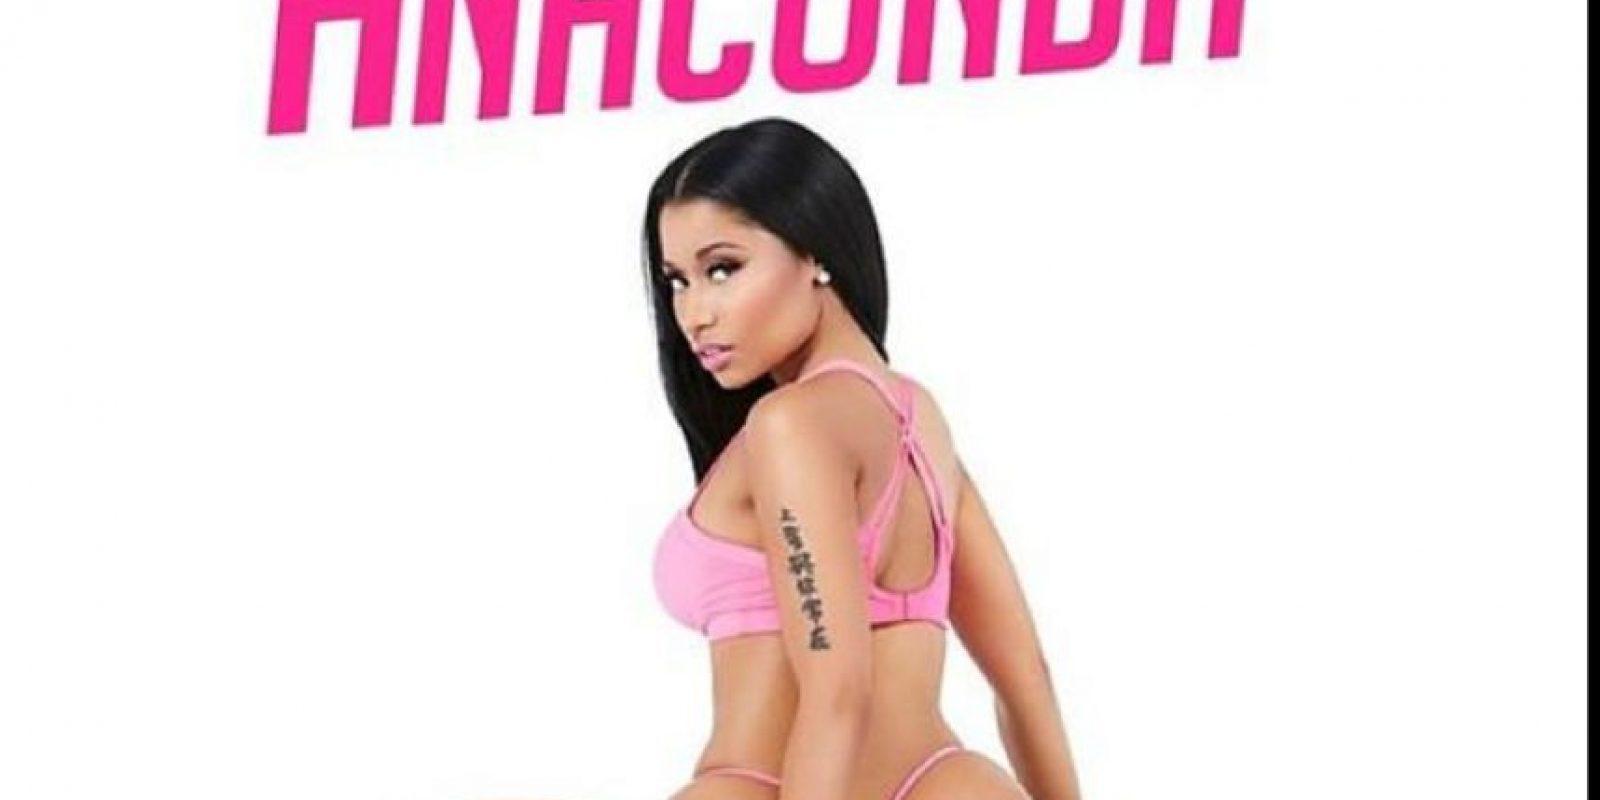 Incluso su portada causó controversia Foto:Instagram